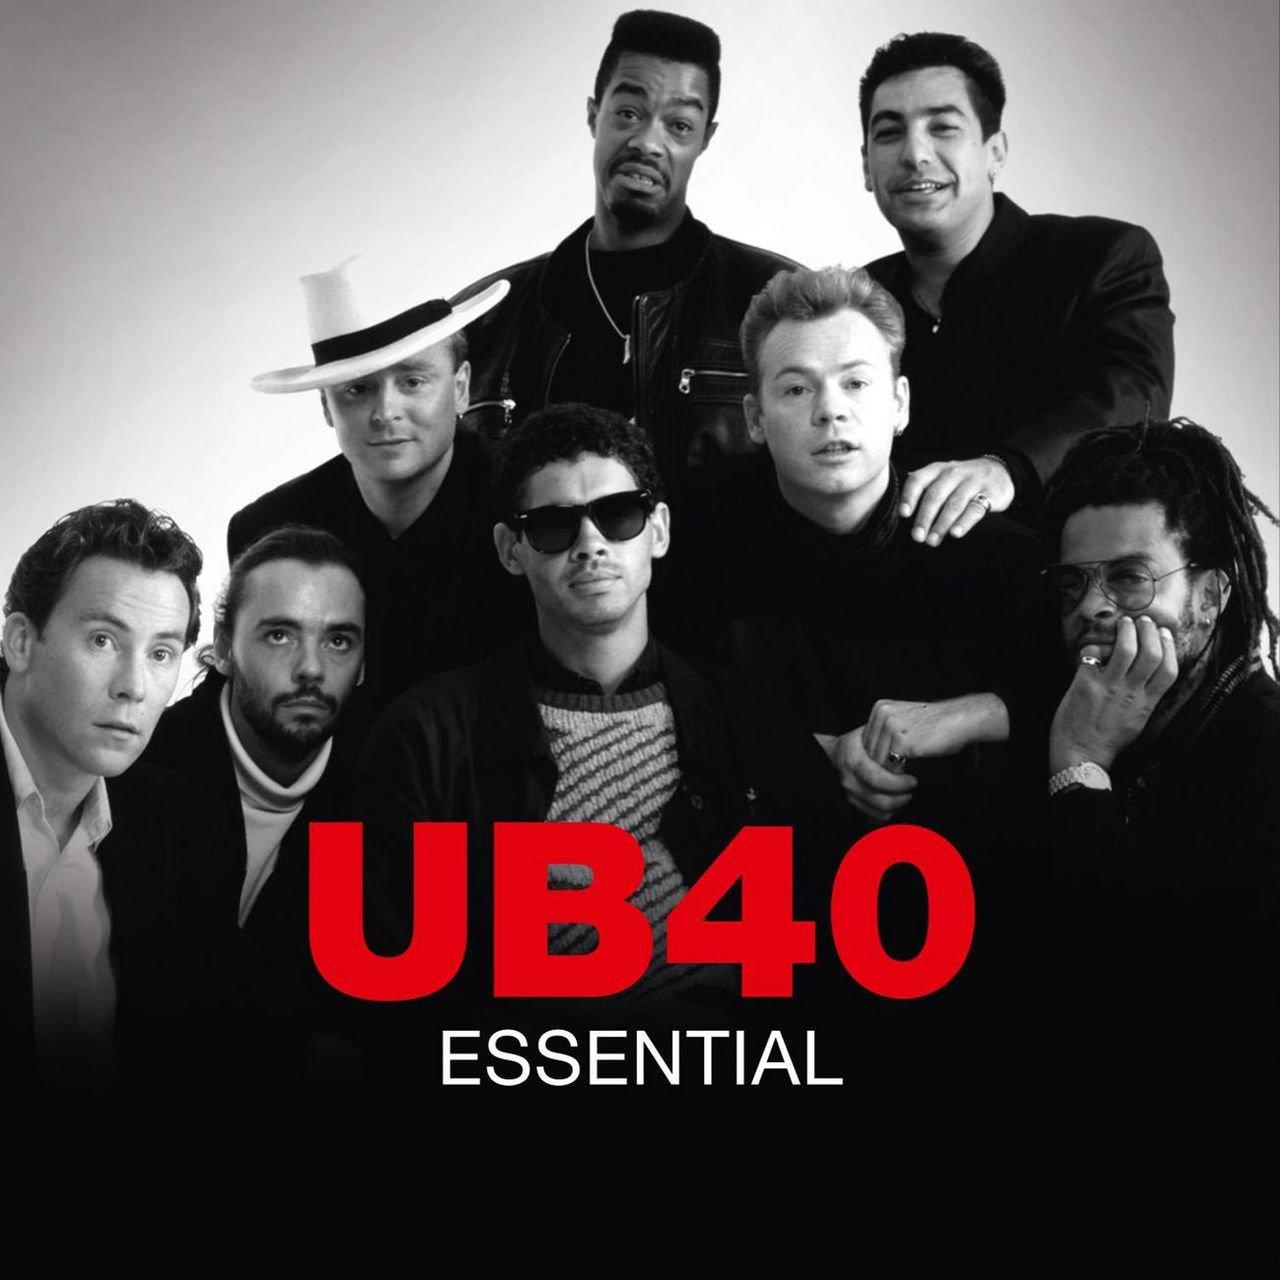 Essential by UB40 on TIDAL